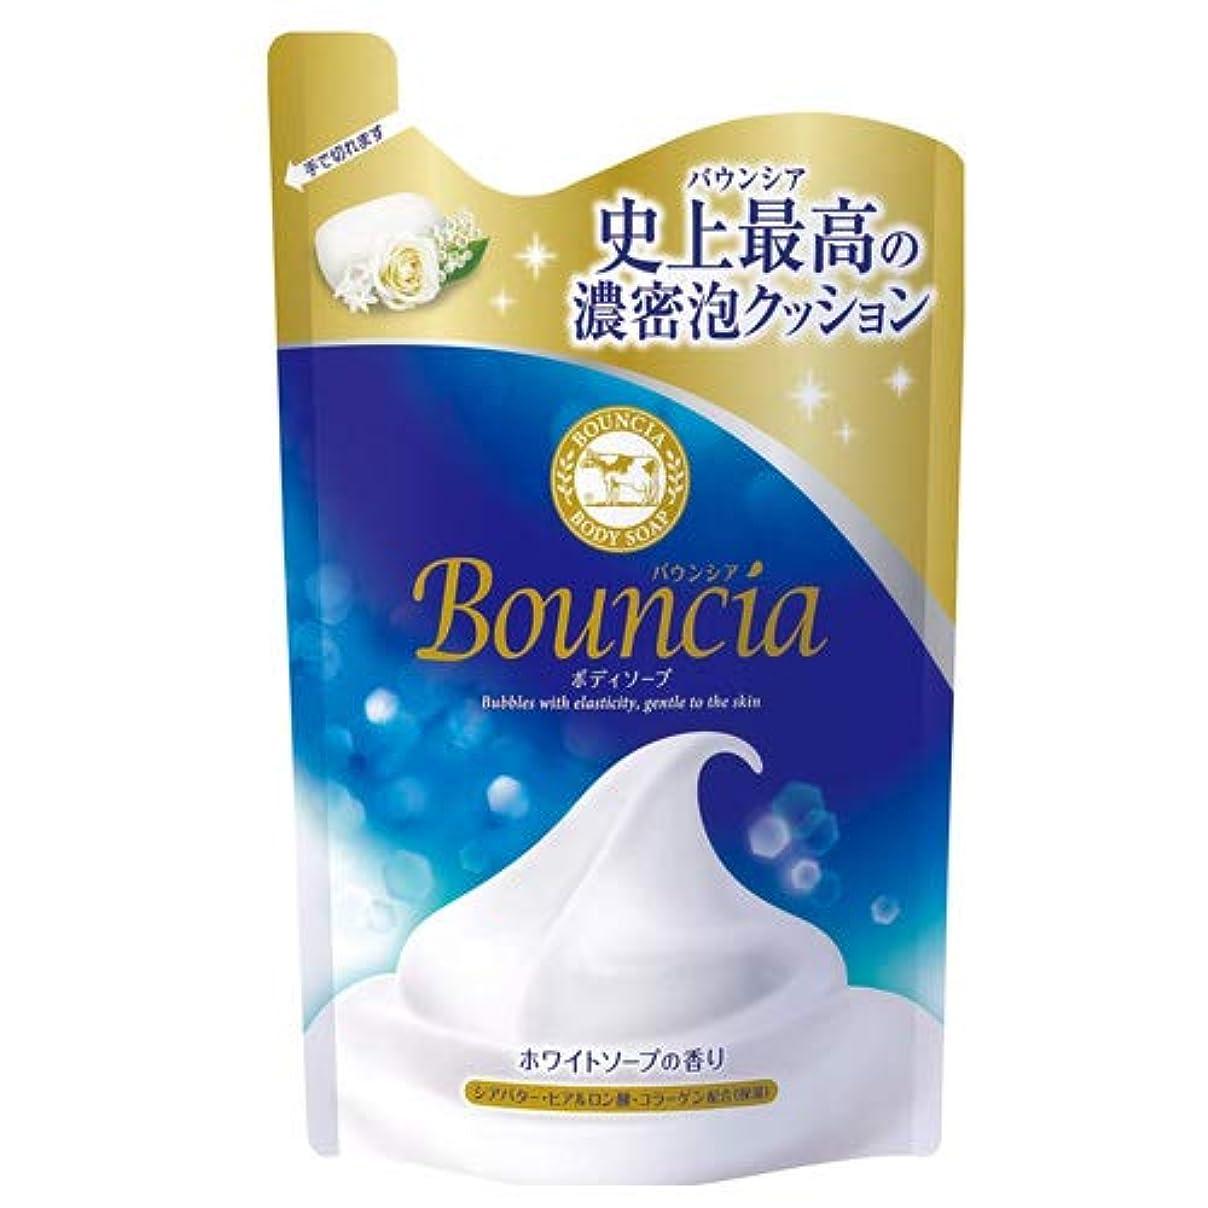 縮れた講堂そうでなければ牛乳石鹸 バウンシア ボディソープ 詰替用 400ml×4個